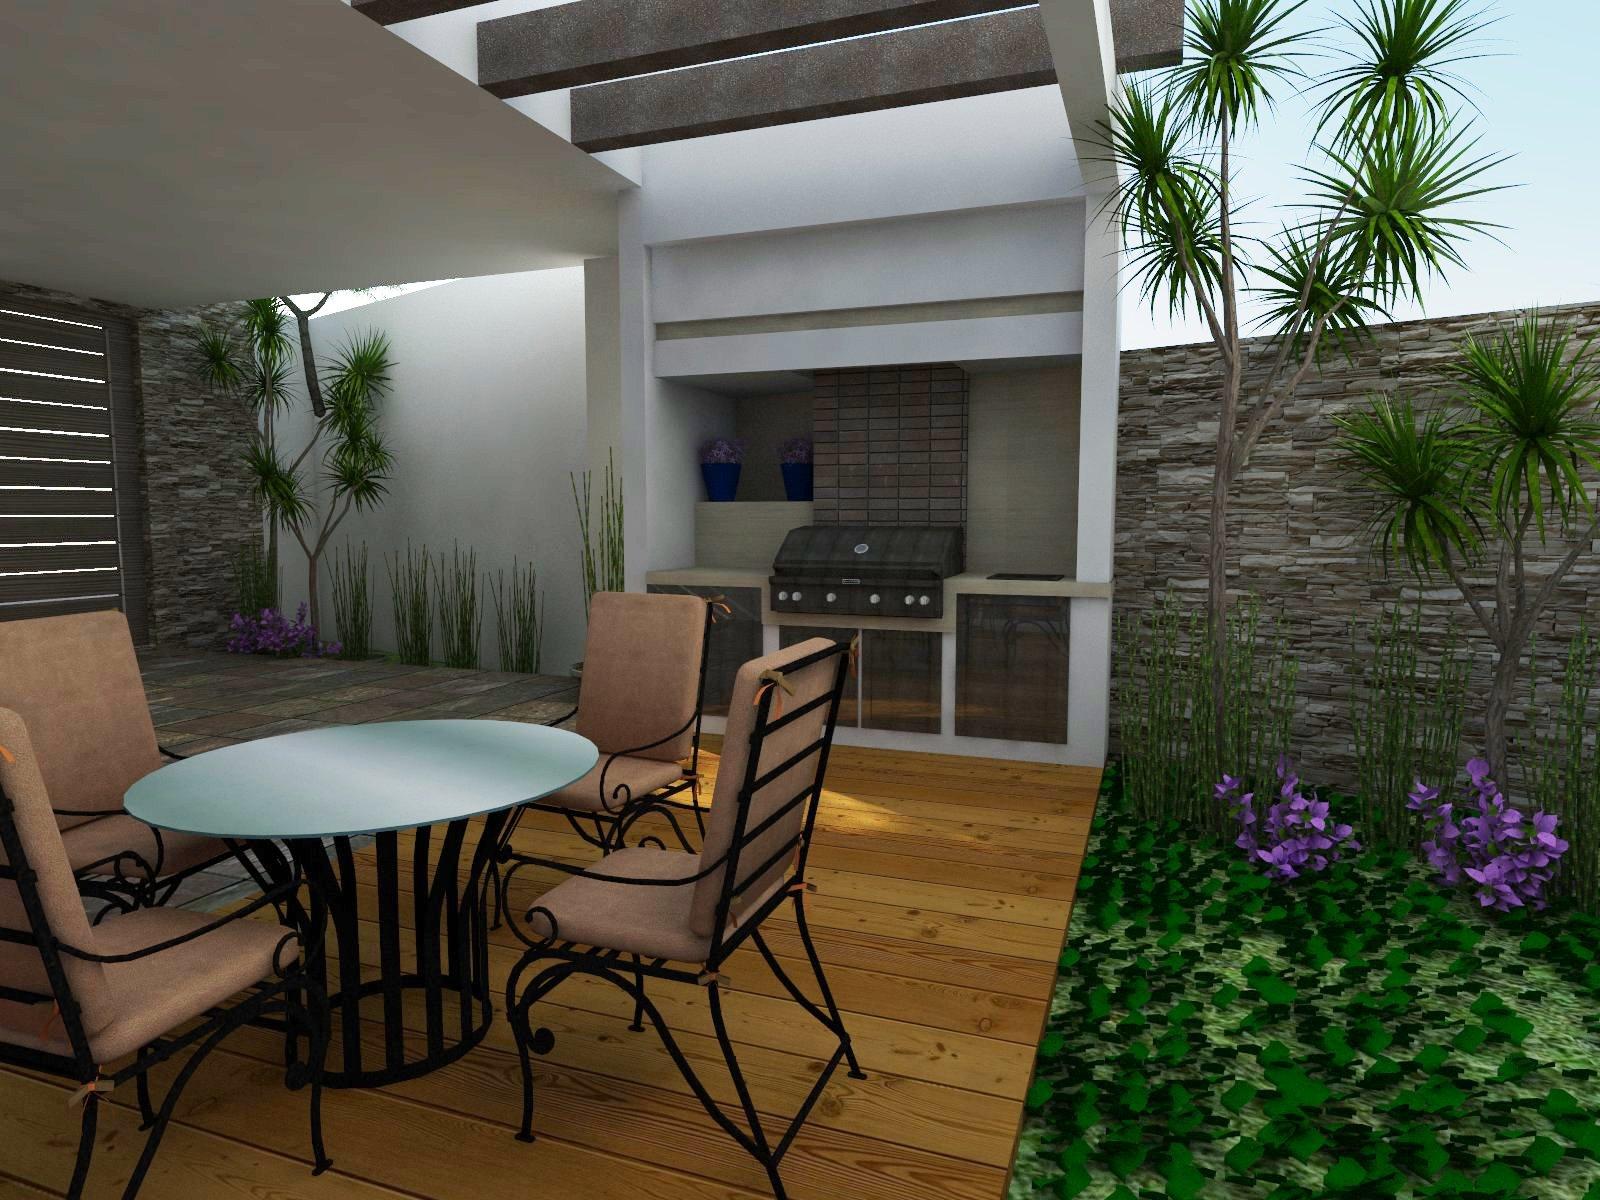 Arquitectura martin abel casa el campanario reynosa - Planos de casas con patio interior ...